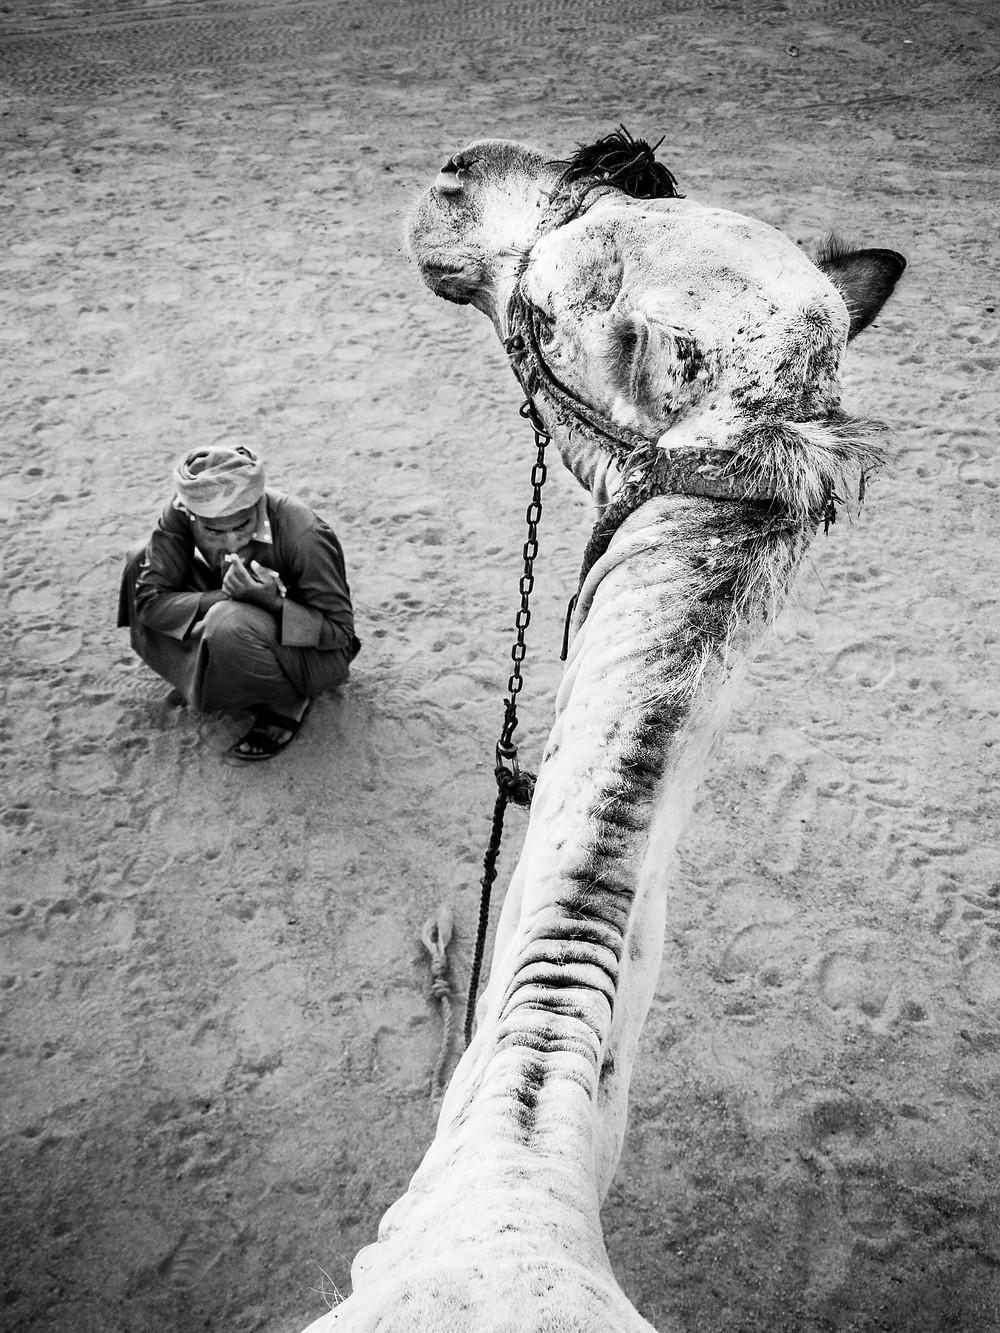 Camel Riding, Sinai Desert, Egypt